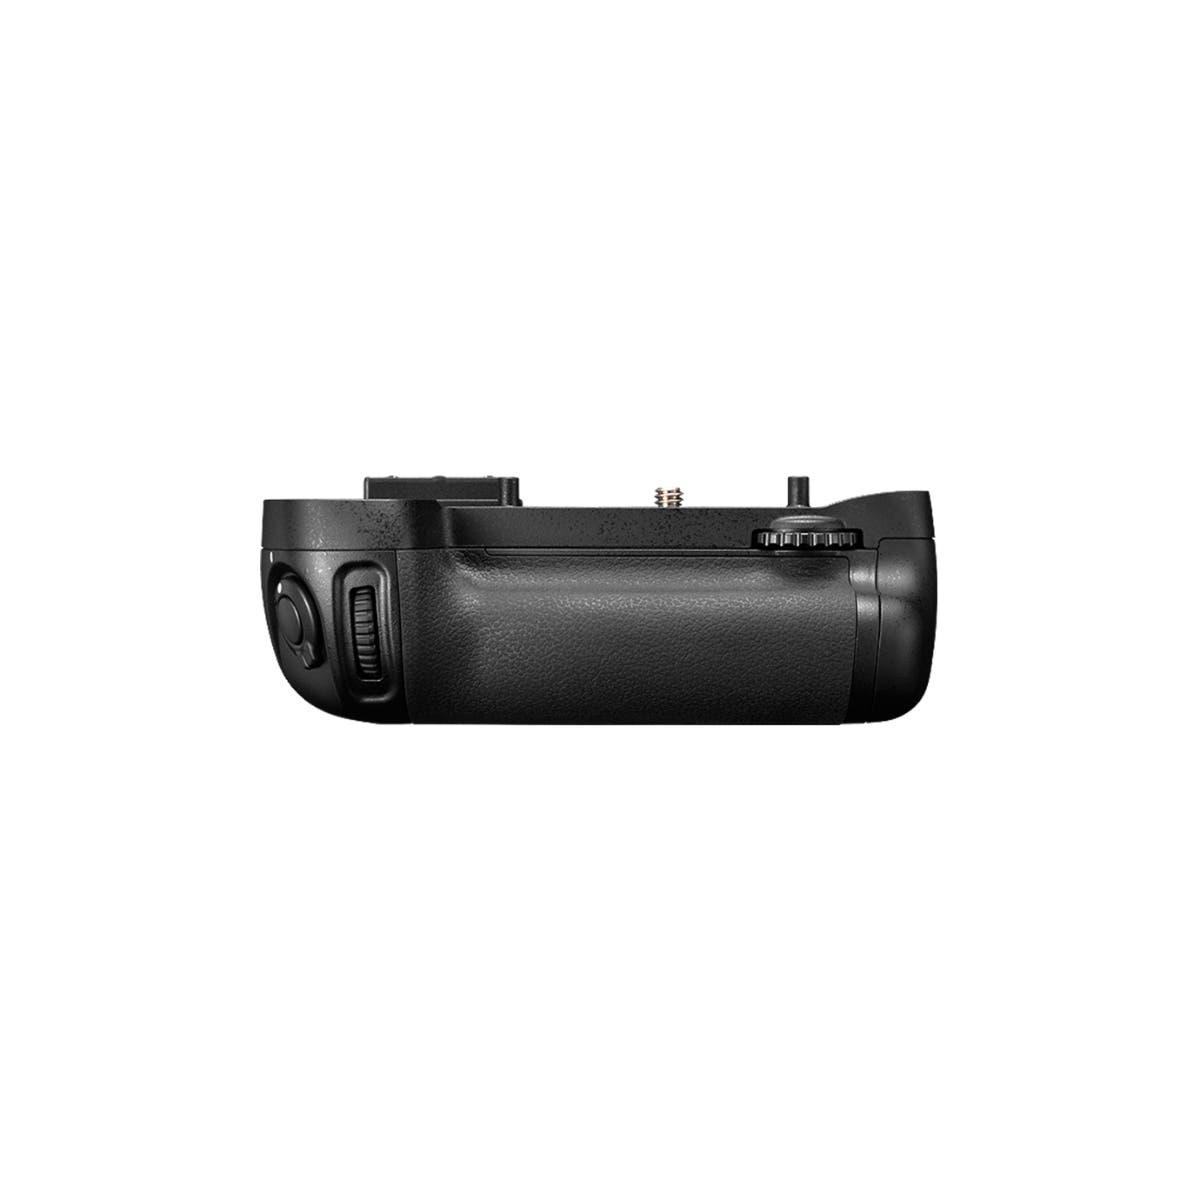 MB-D15 Multi Power Battery Pack